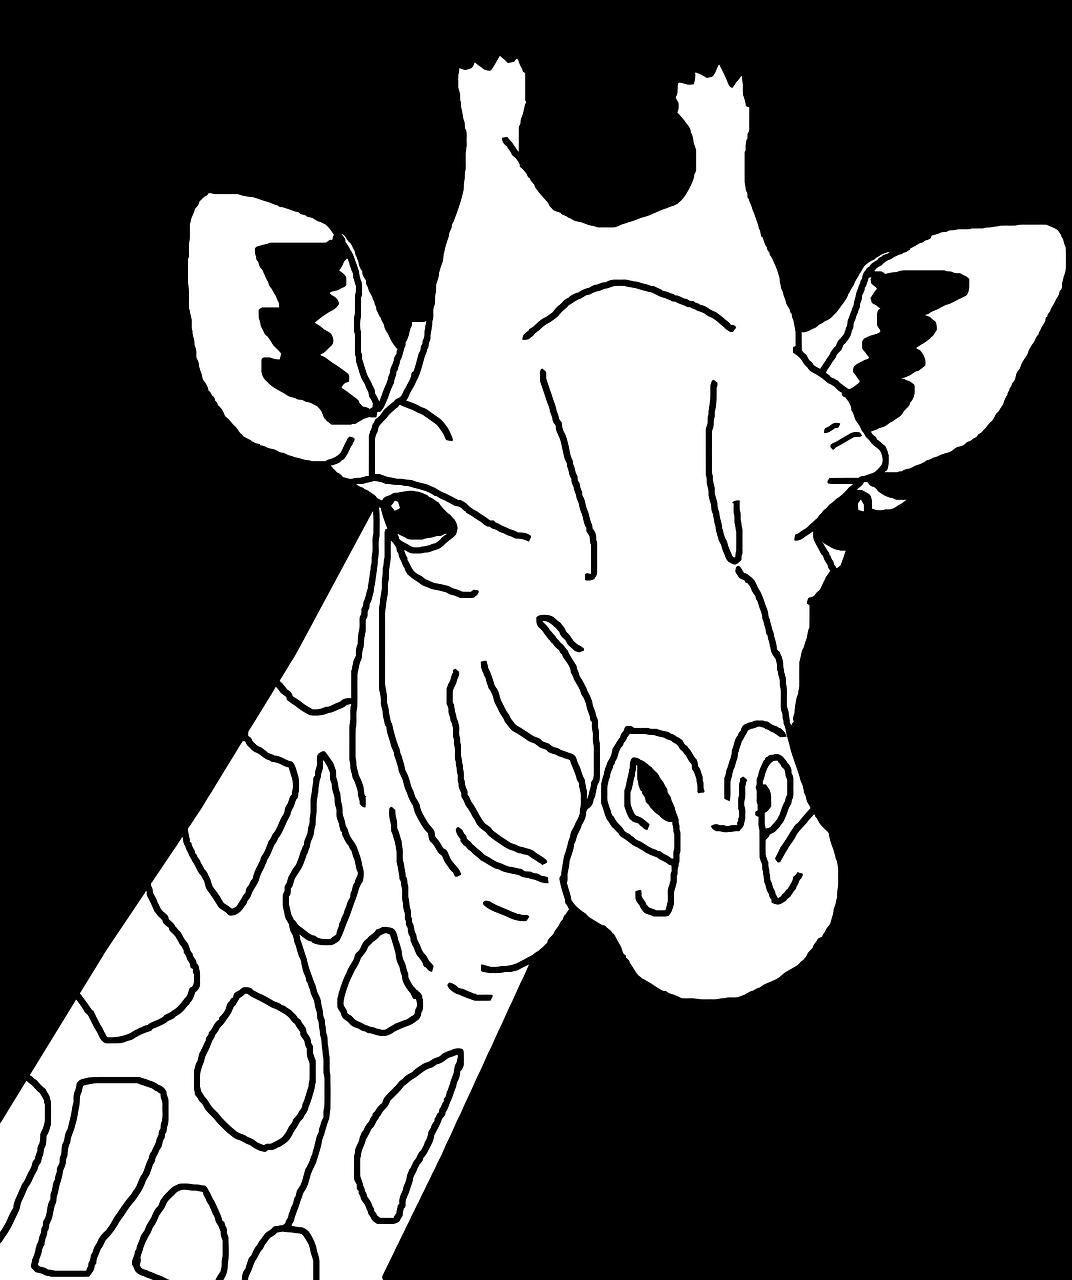 картинки животных черно белые шаблоны любит расти